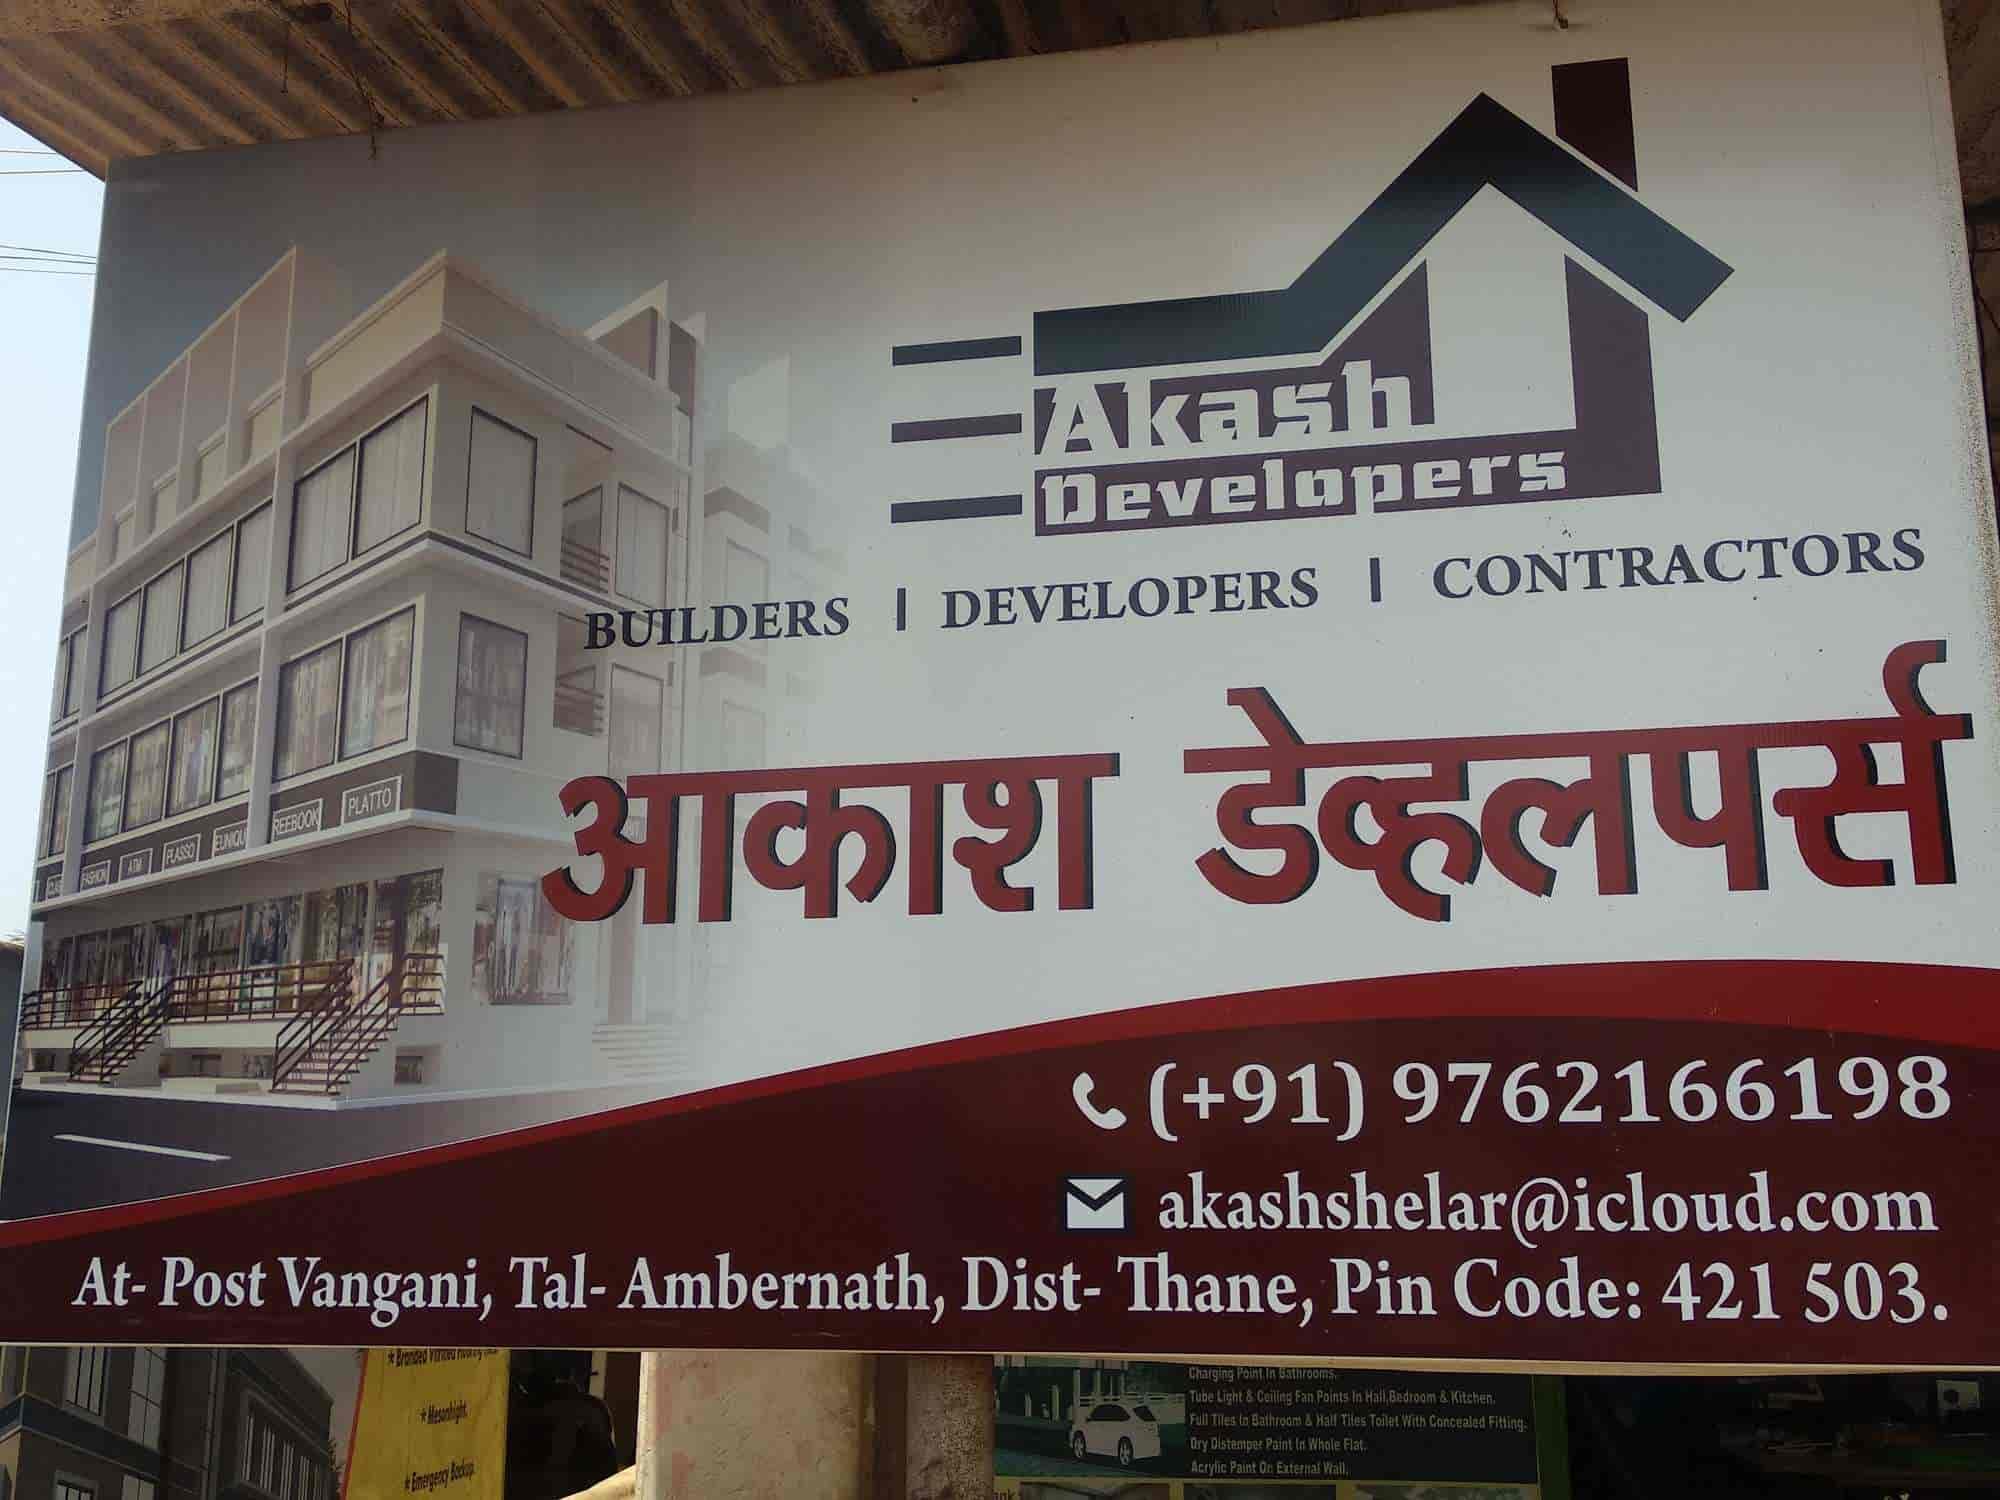 - Aakash Developers Images, Vangani, Mumbai - Builders